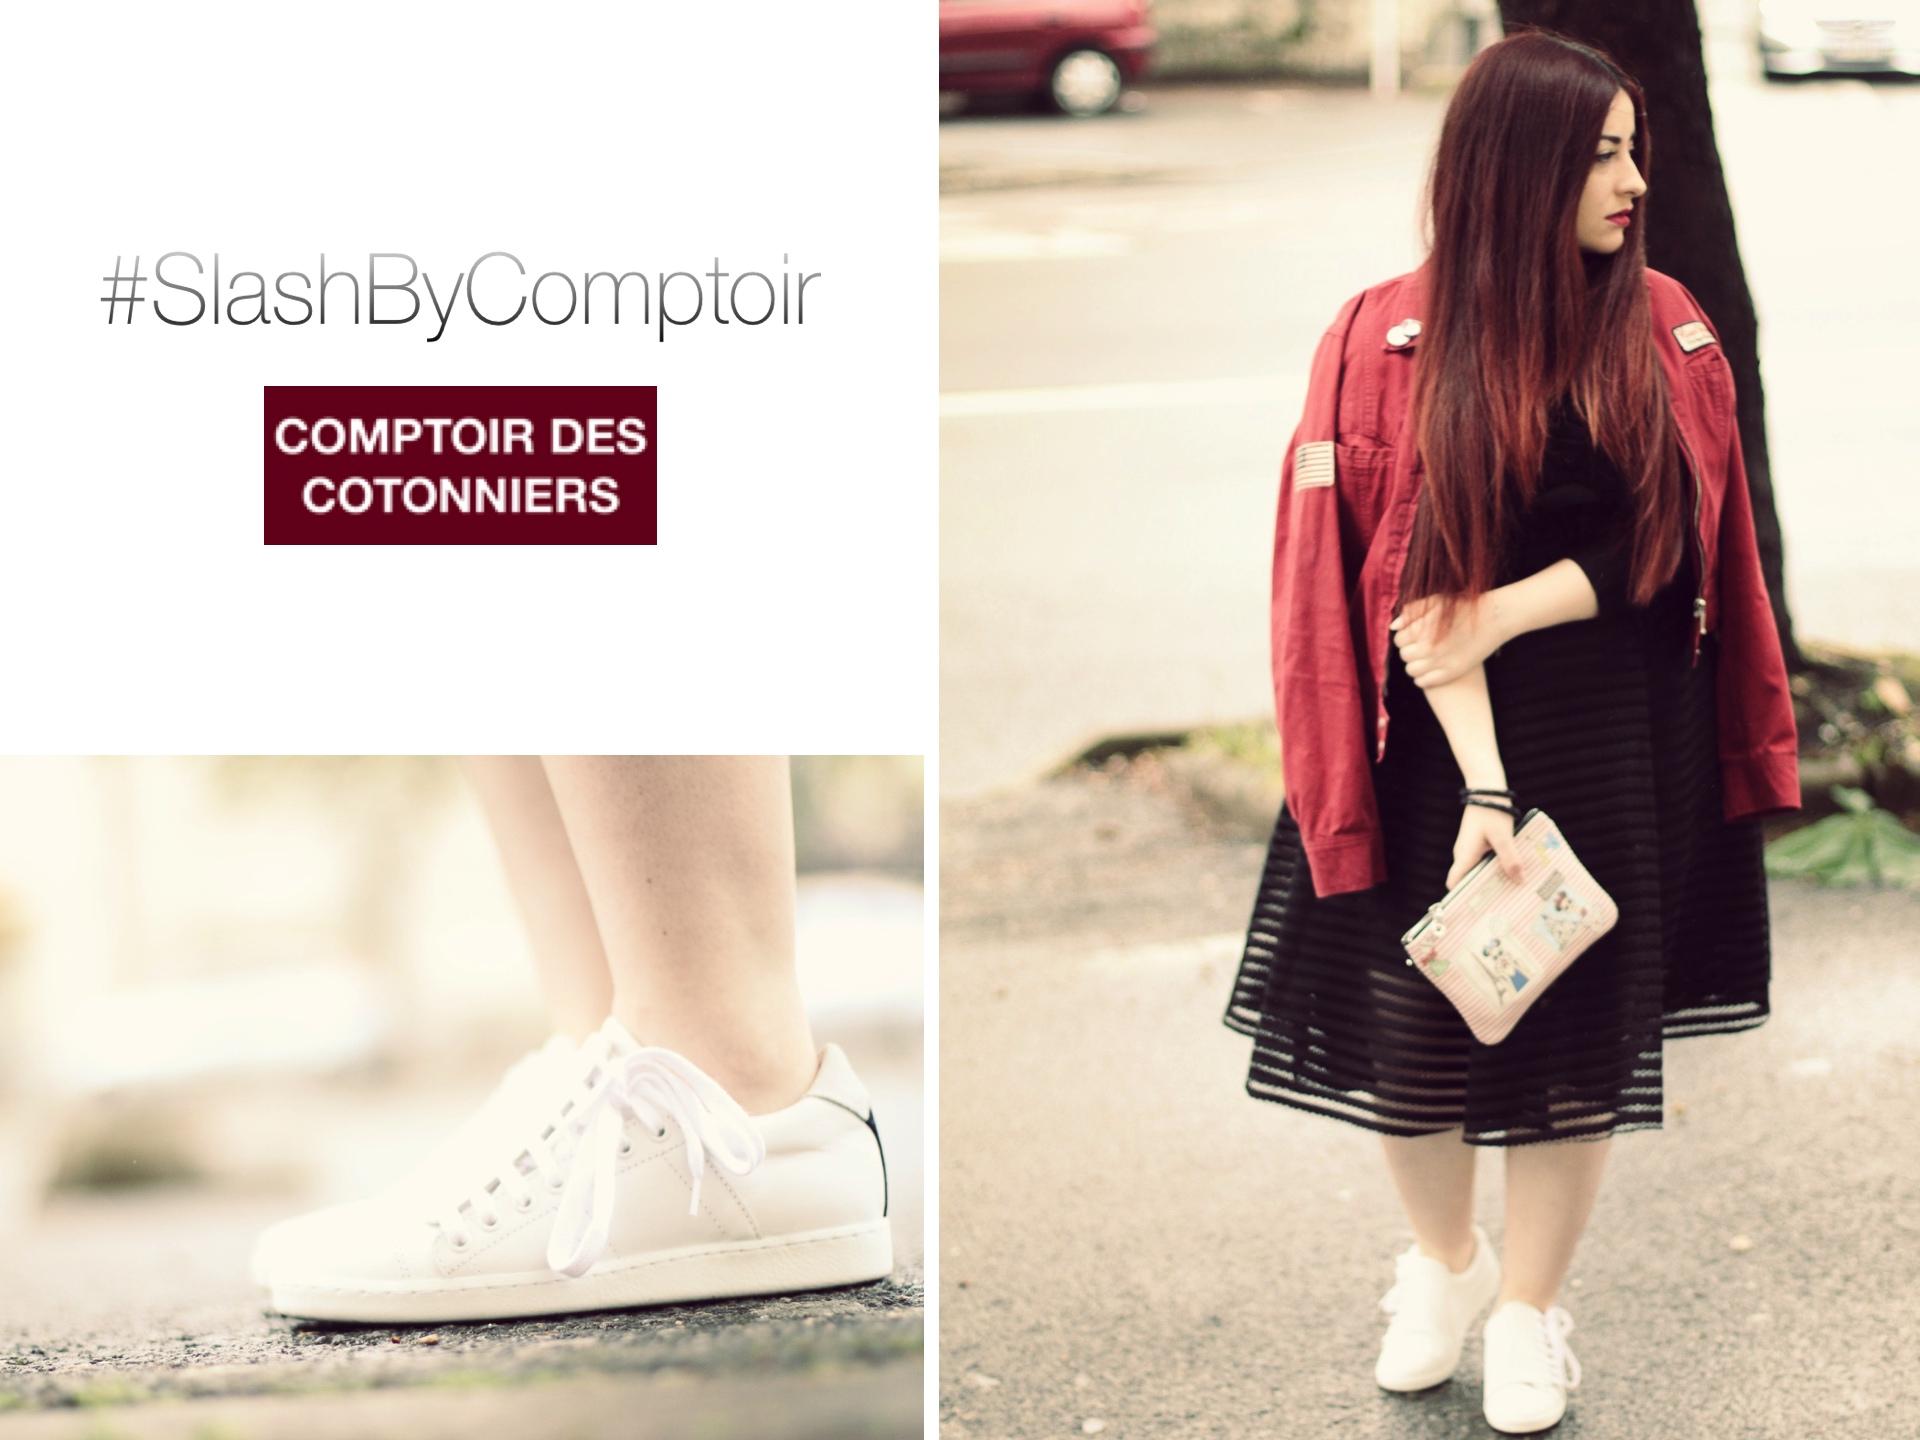 slash by comptoir des cotonniers